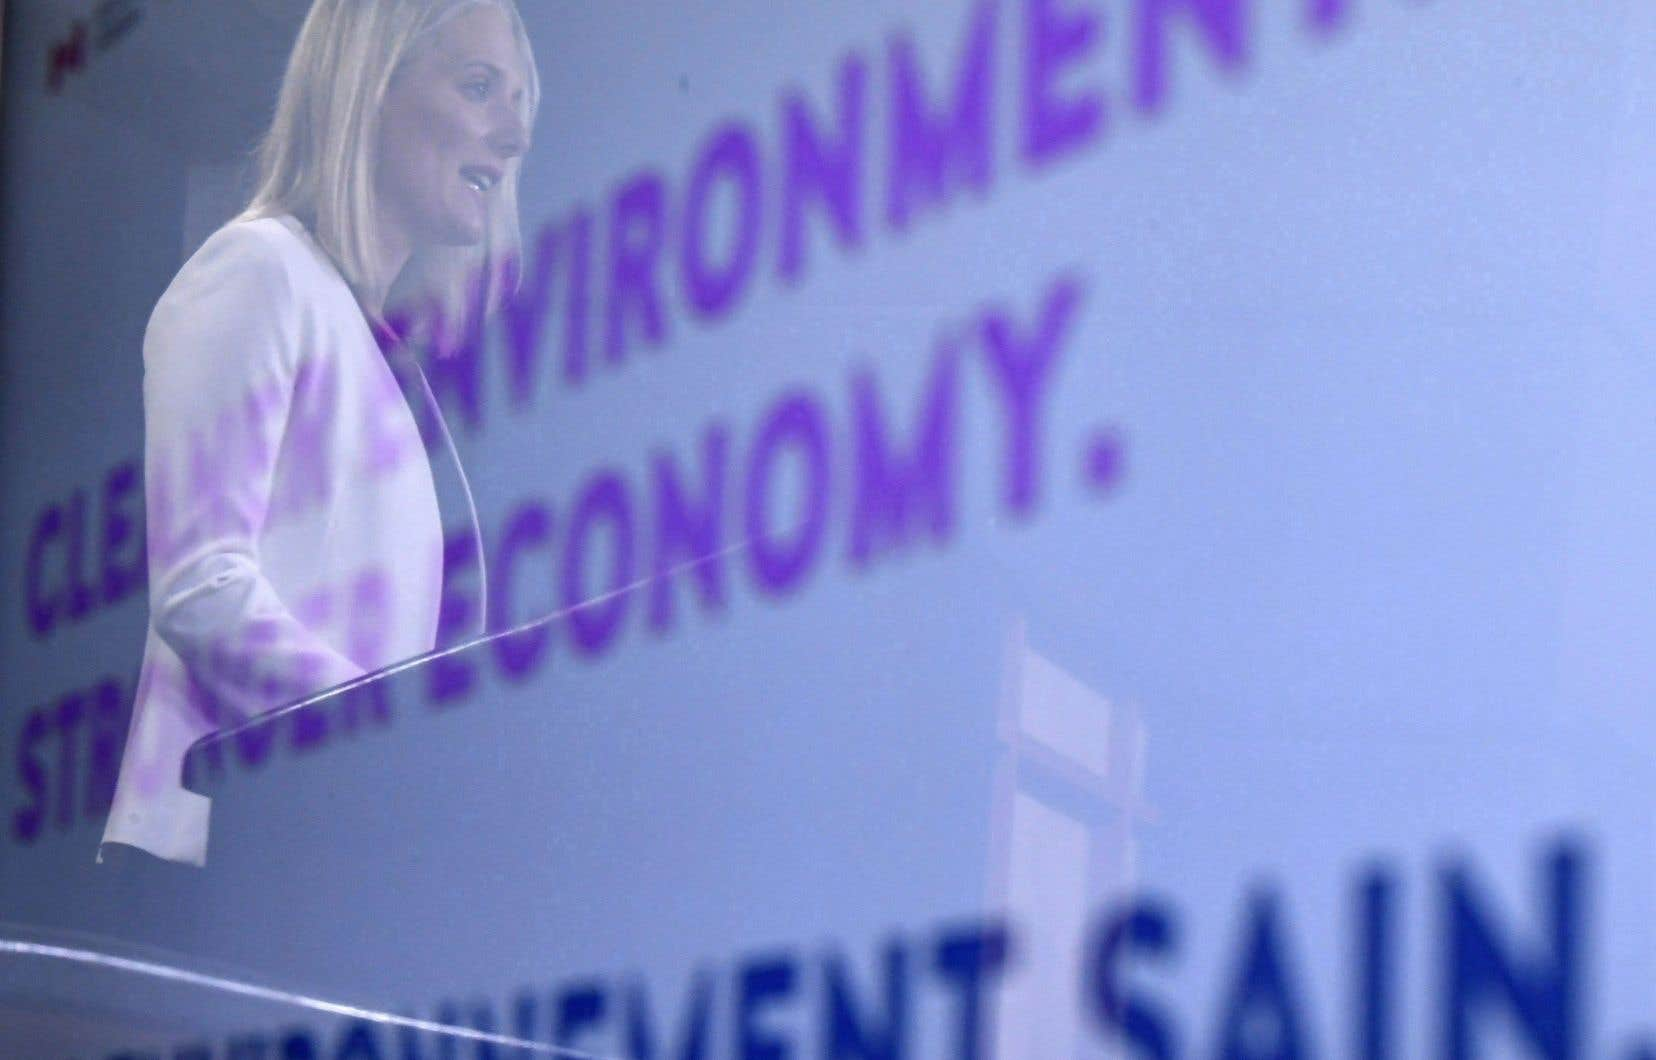 La ministre fédérale de l'Environnement, Catherine McKenna, lors d'une conférence internationale sur les villes et les changements climatiques, à Edmonton.